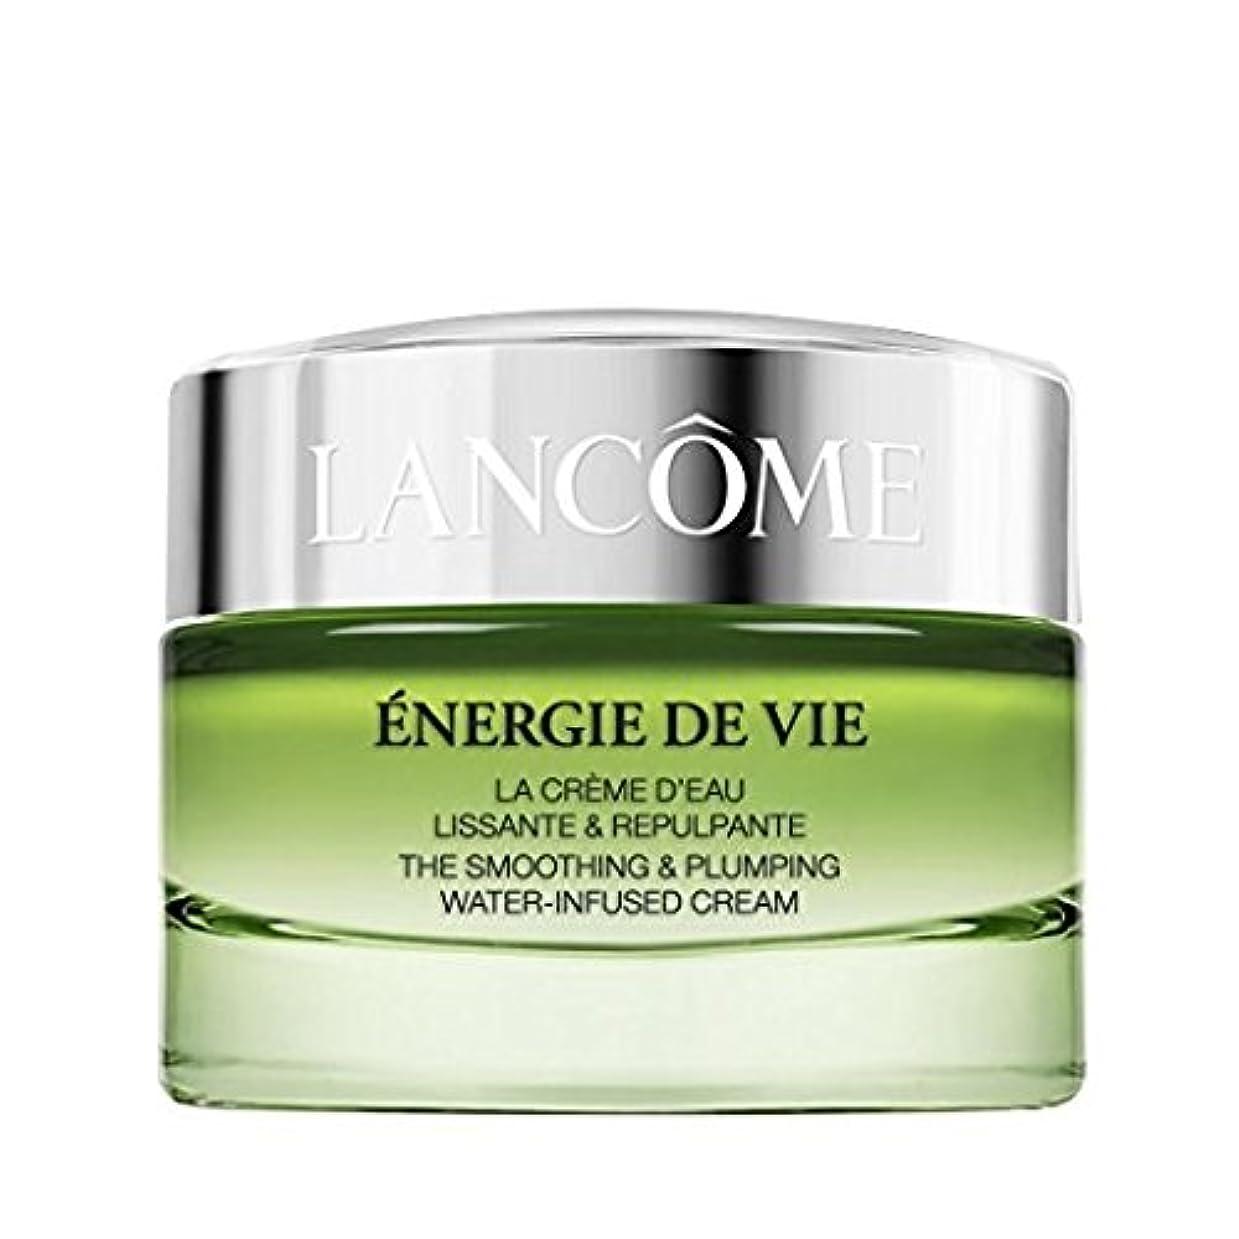 宣伝大胆なスツールランコム Energie De Vie The Smoothing & Plumping Water-Infused Cream 50ml/1.7oz並行輸入品